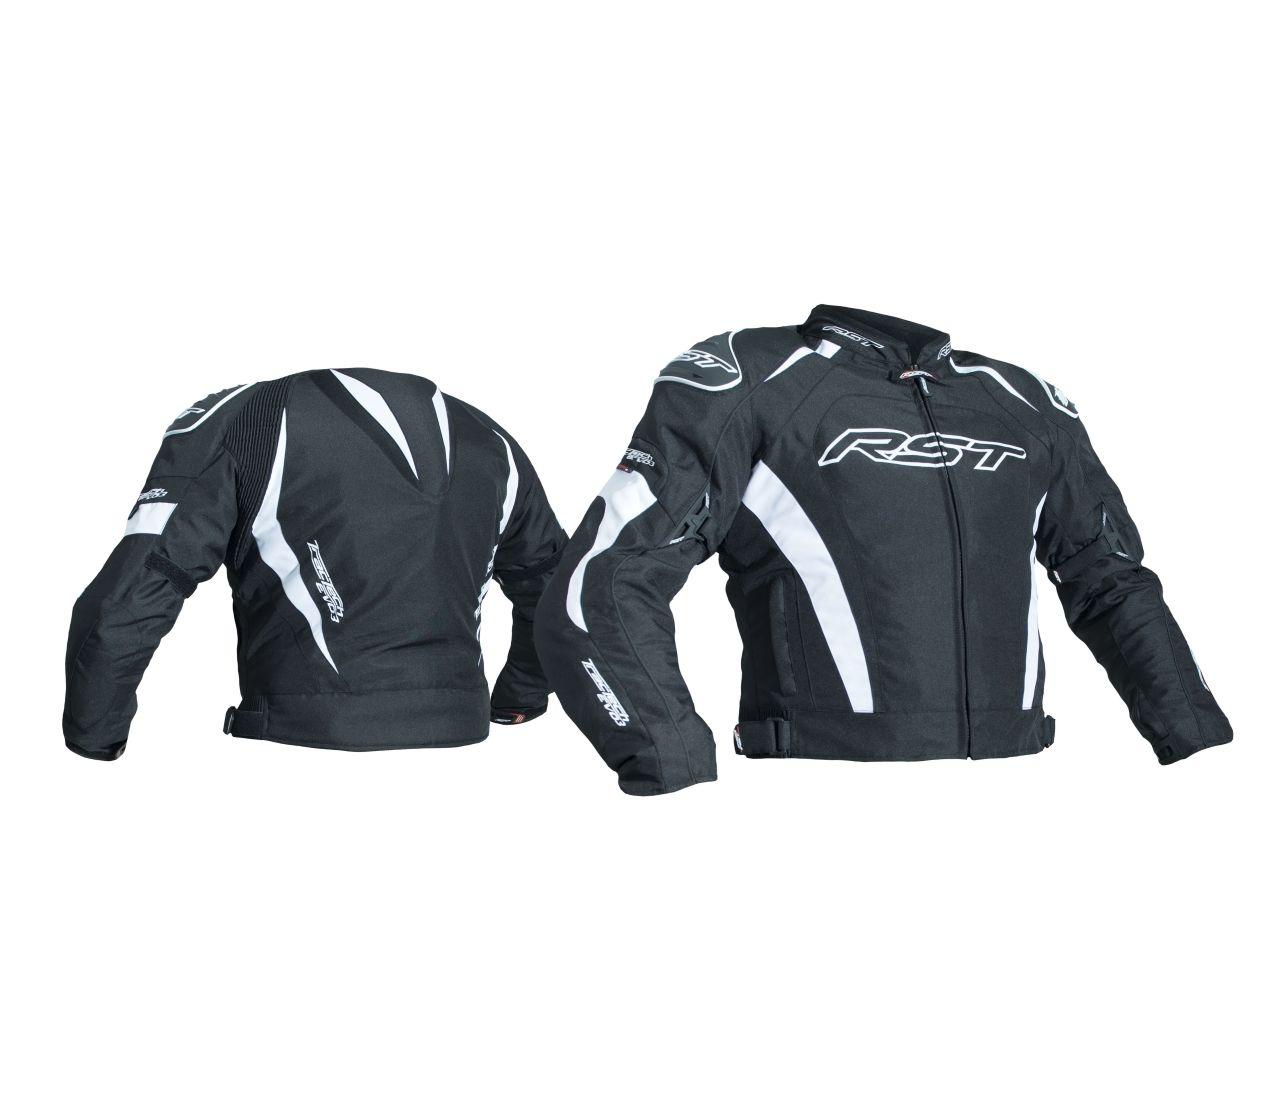 RST アールエスティー:RST 2060 TRACTECH EVO 3 CE M TEX JKT ジャケット